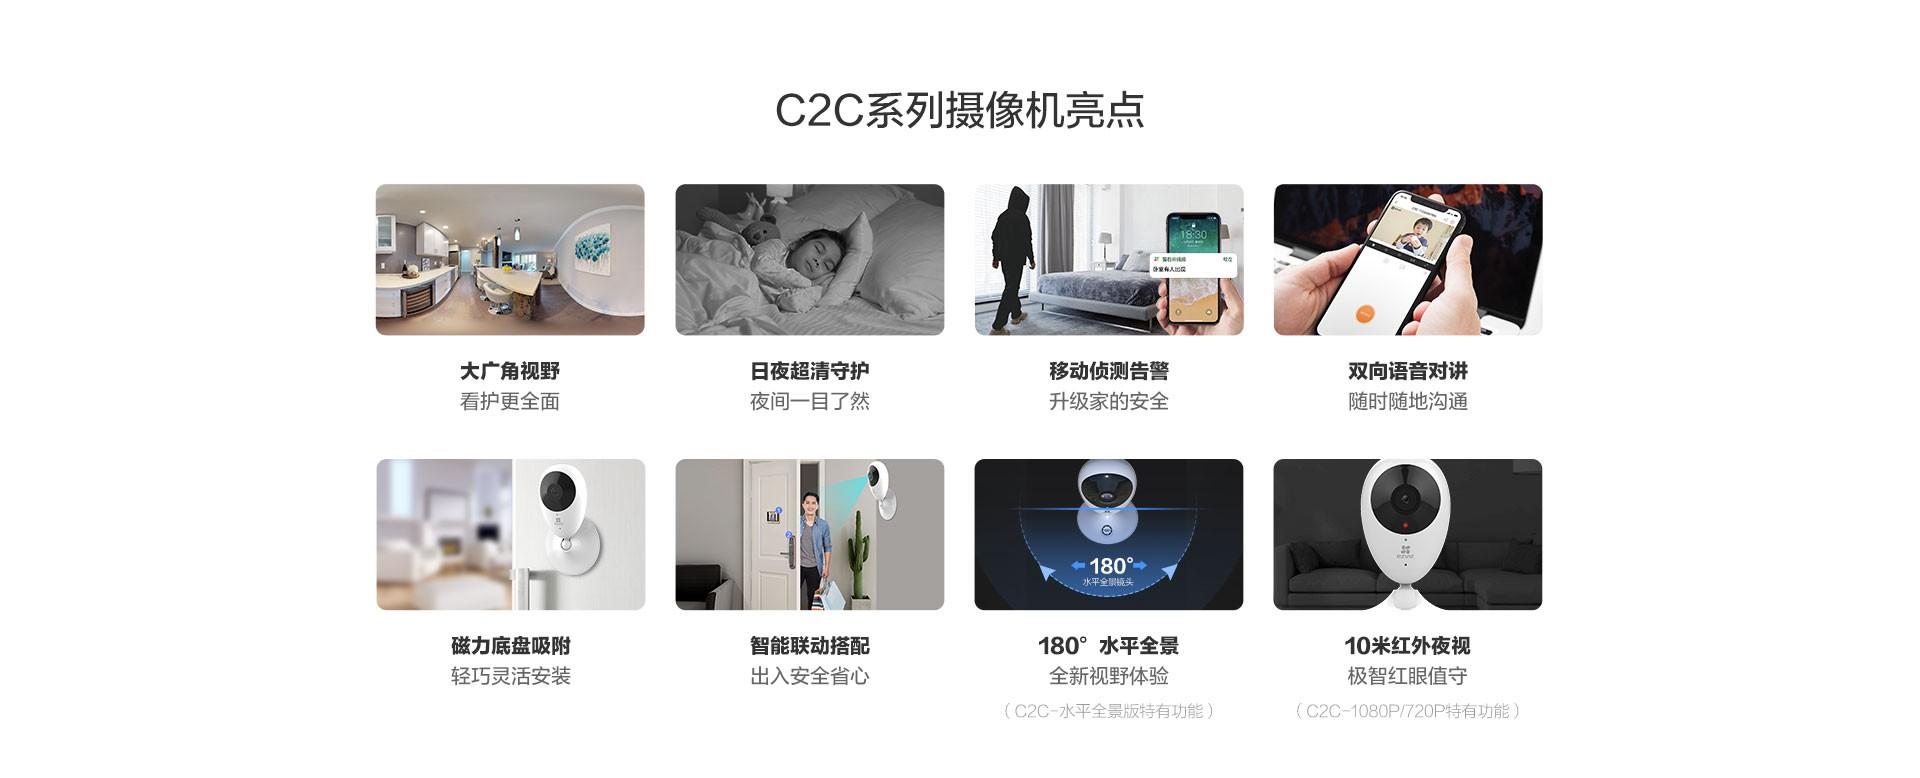 C2C&C2C全景合并链接-web_02.jpg